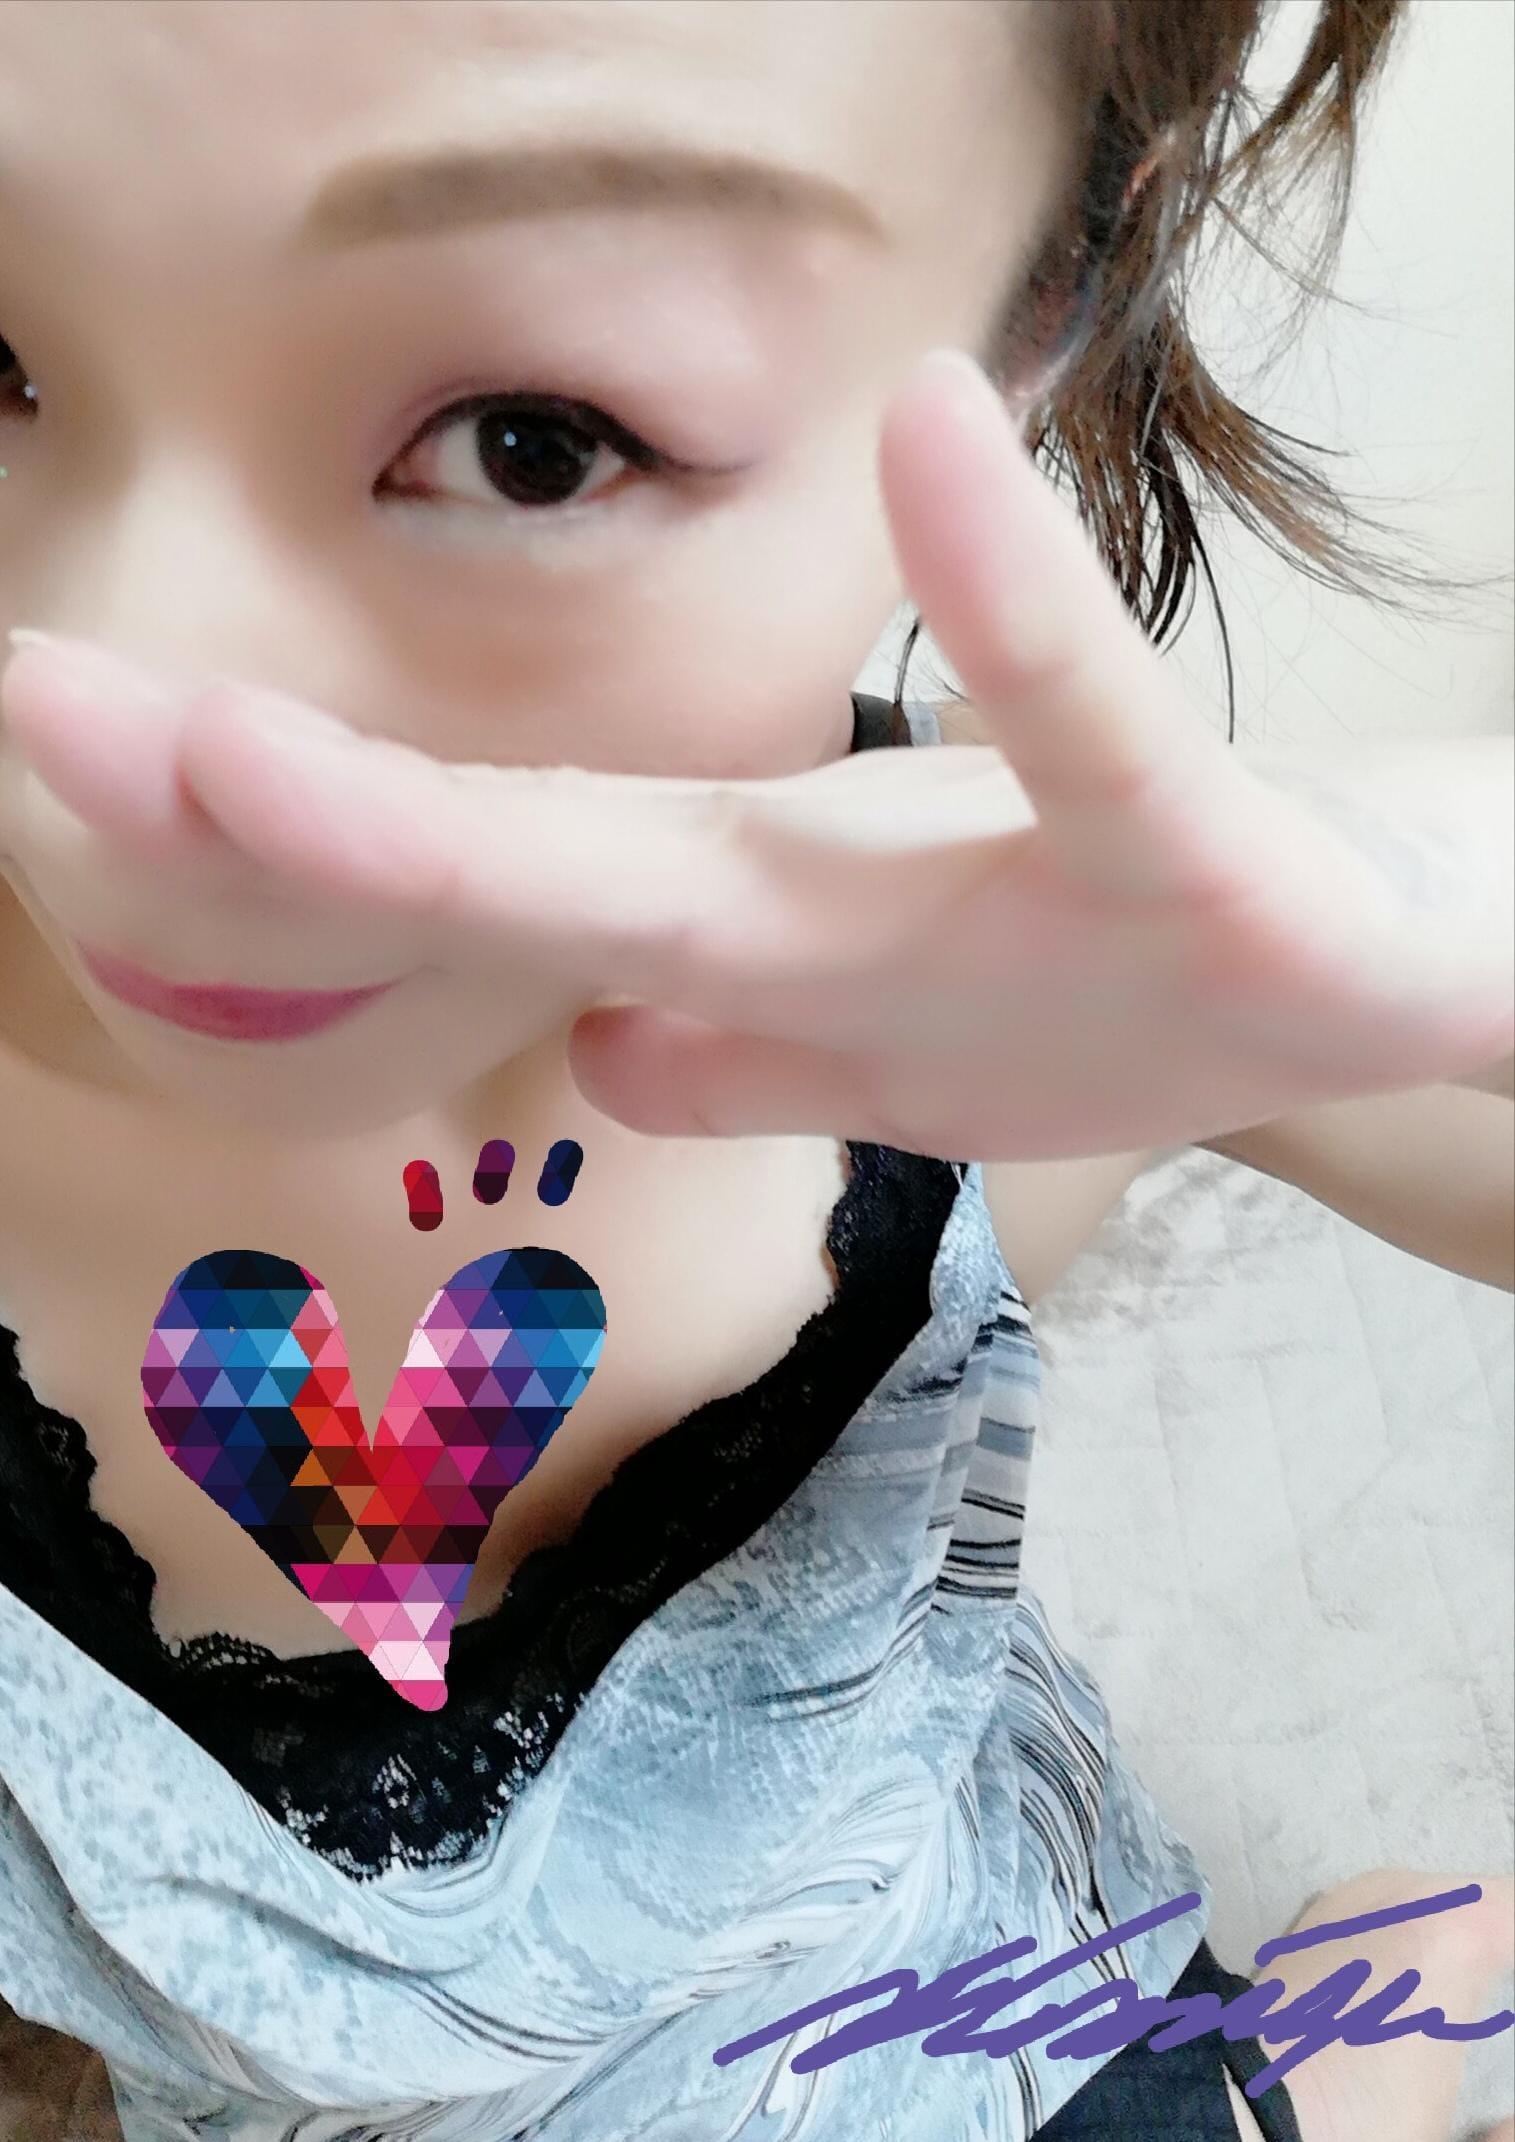 「御挨拶です」10/30日(火) 00:46   清水の写メ・風俗動画